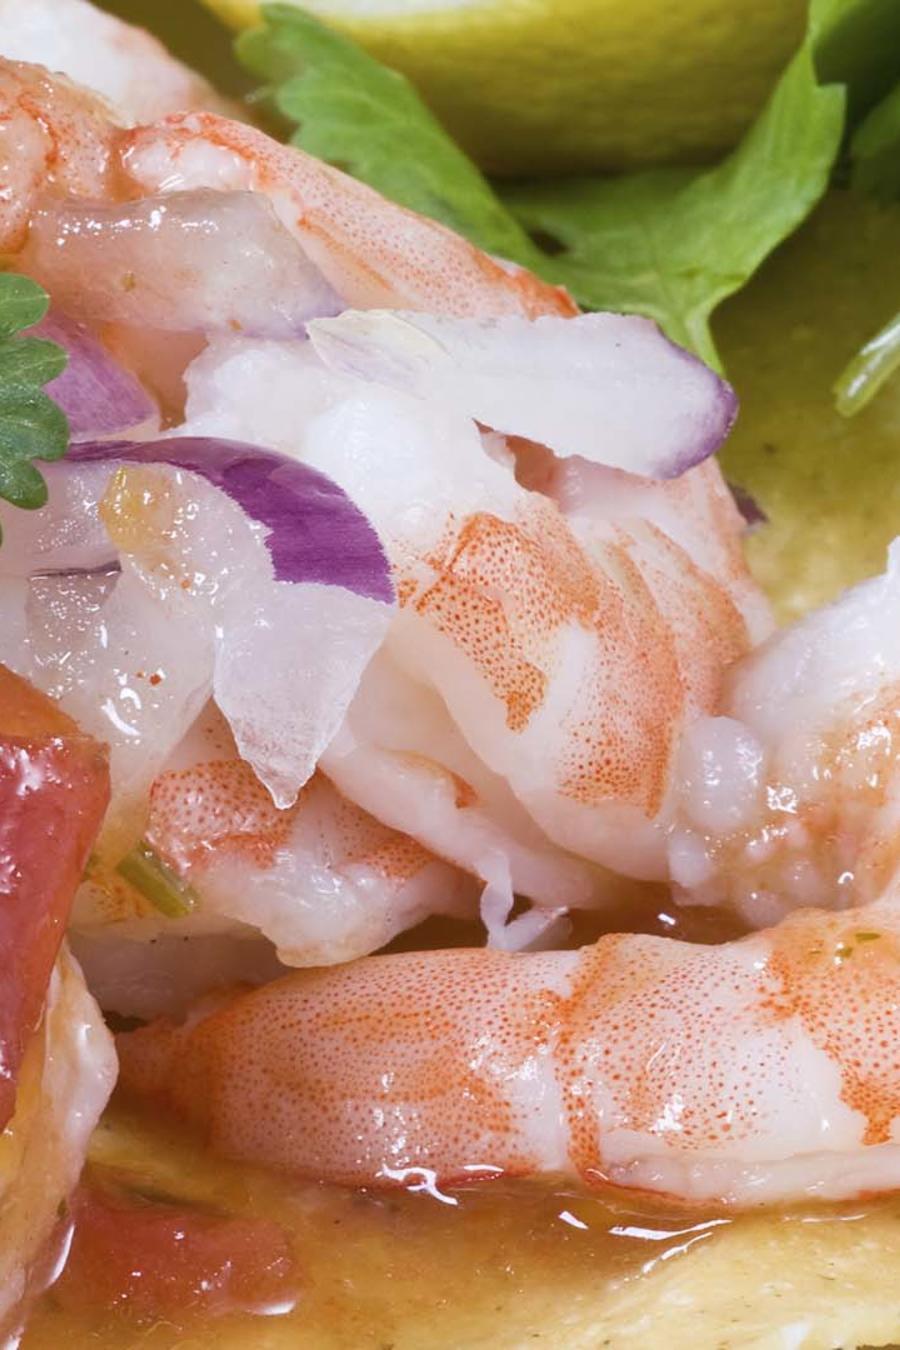 Auténtico ceviche de camarón ecuatoriano